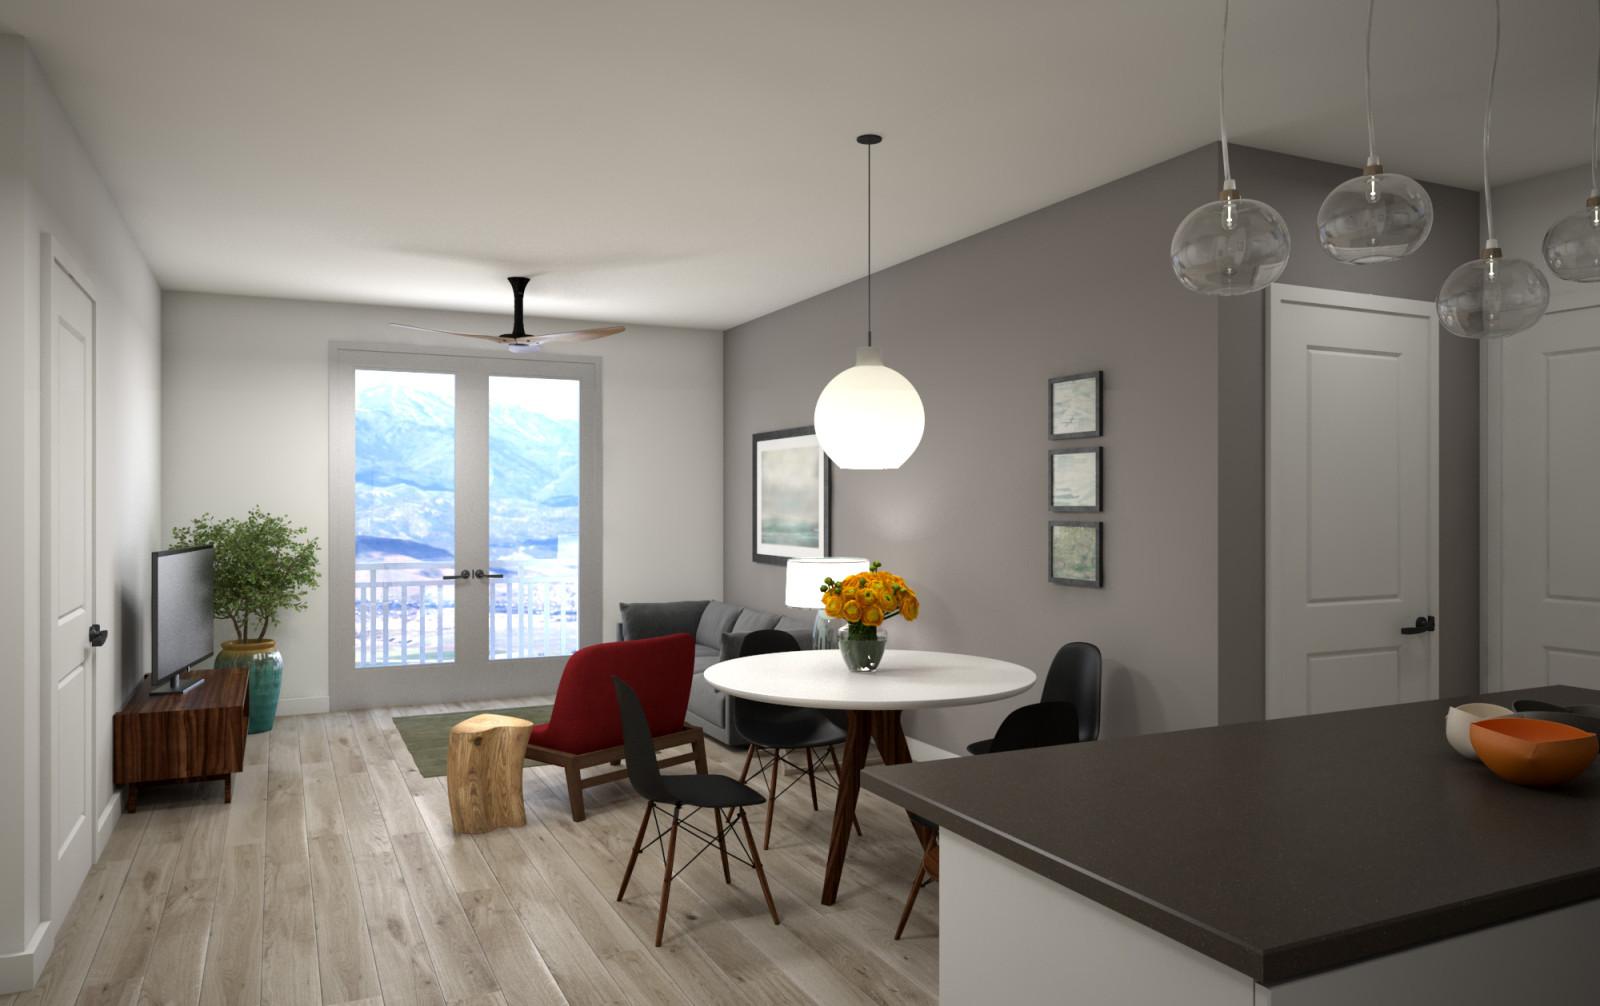 2017.06.26 277 Lofts living [option A]